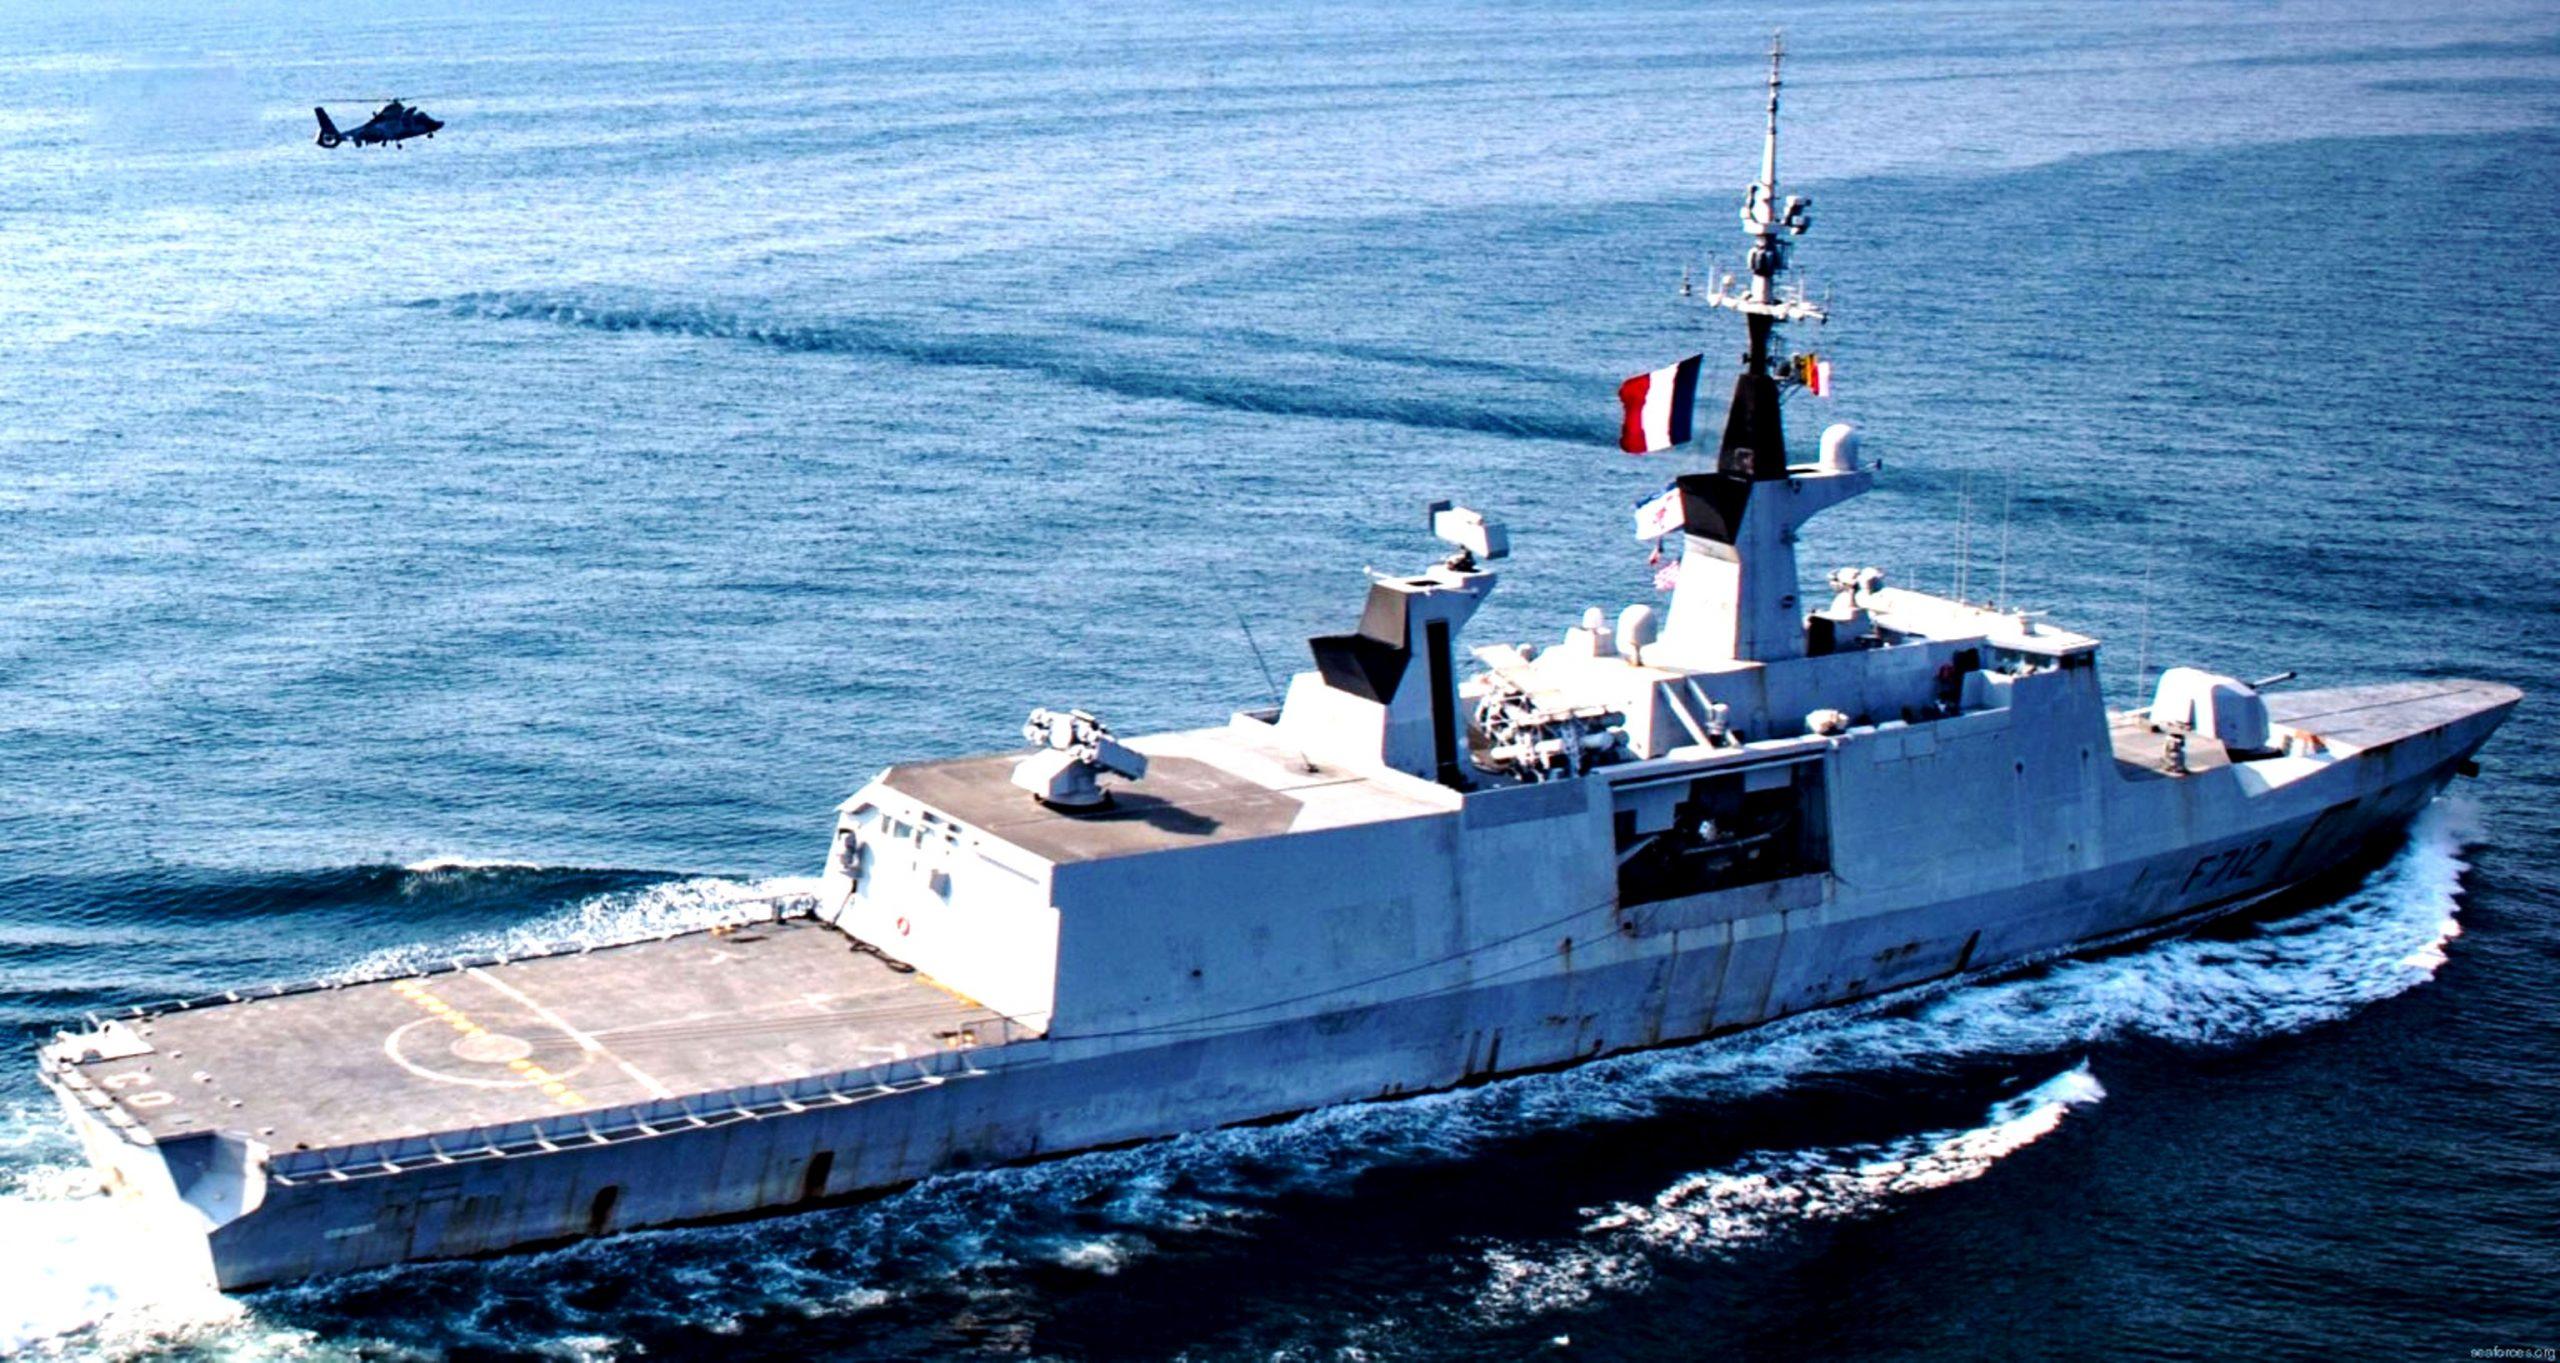 Το ναυτικό περιστατικό μεταξύ της τουρκικής φρεγάτας Gokova και της γαλλικής Colbert στη Μεσόγειο απεικονίζει το αδήλωτο τέλος του ΝΑΤΟ και την άνοδο σε ισχύ της Τουρκίας